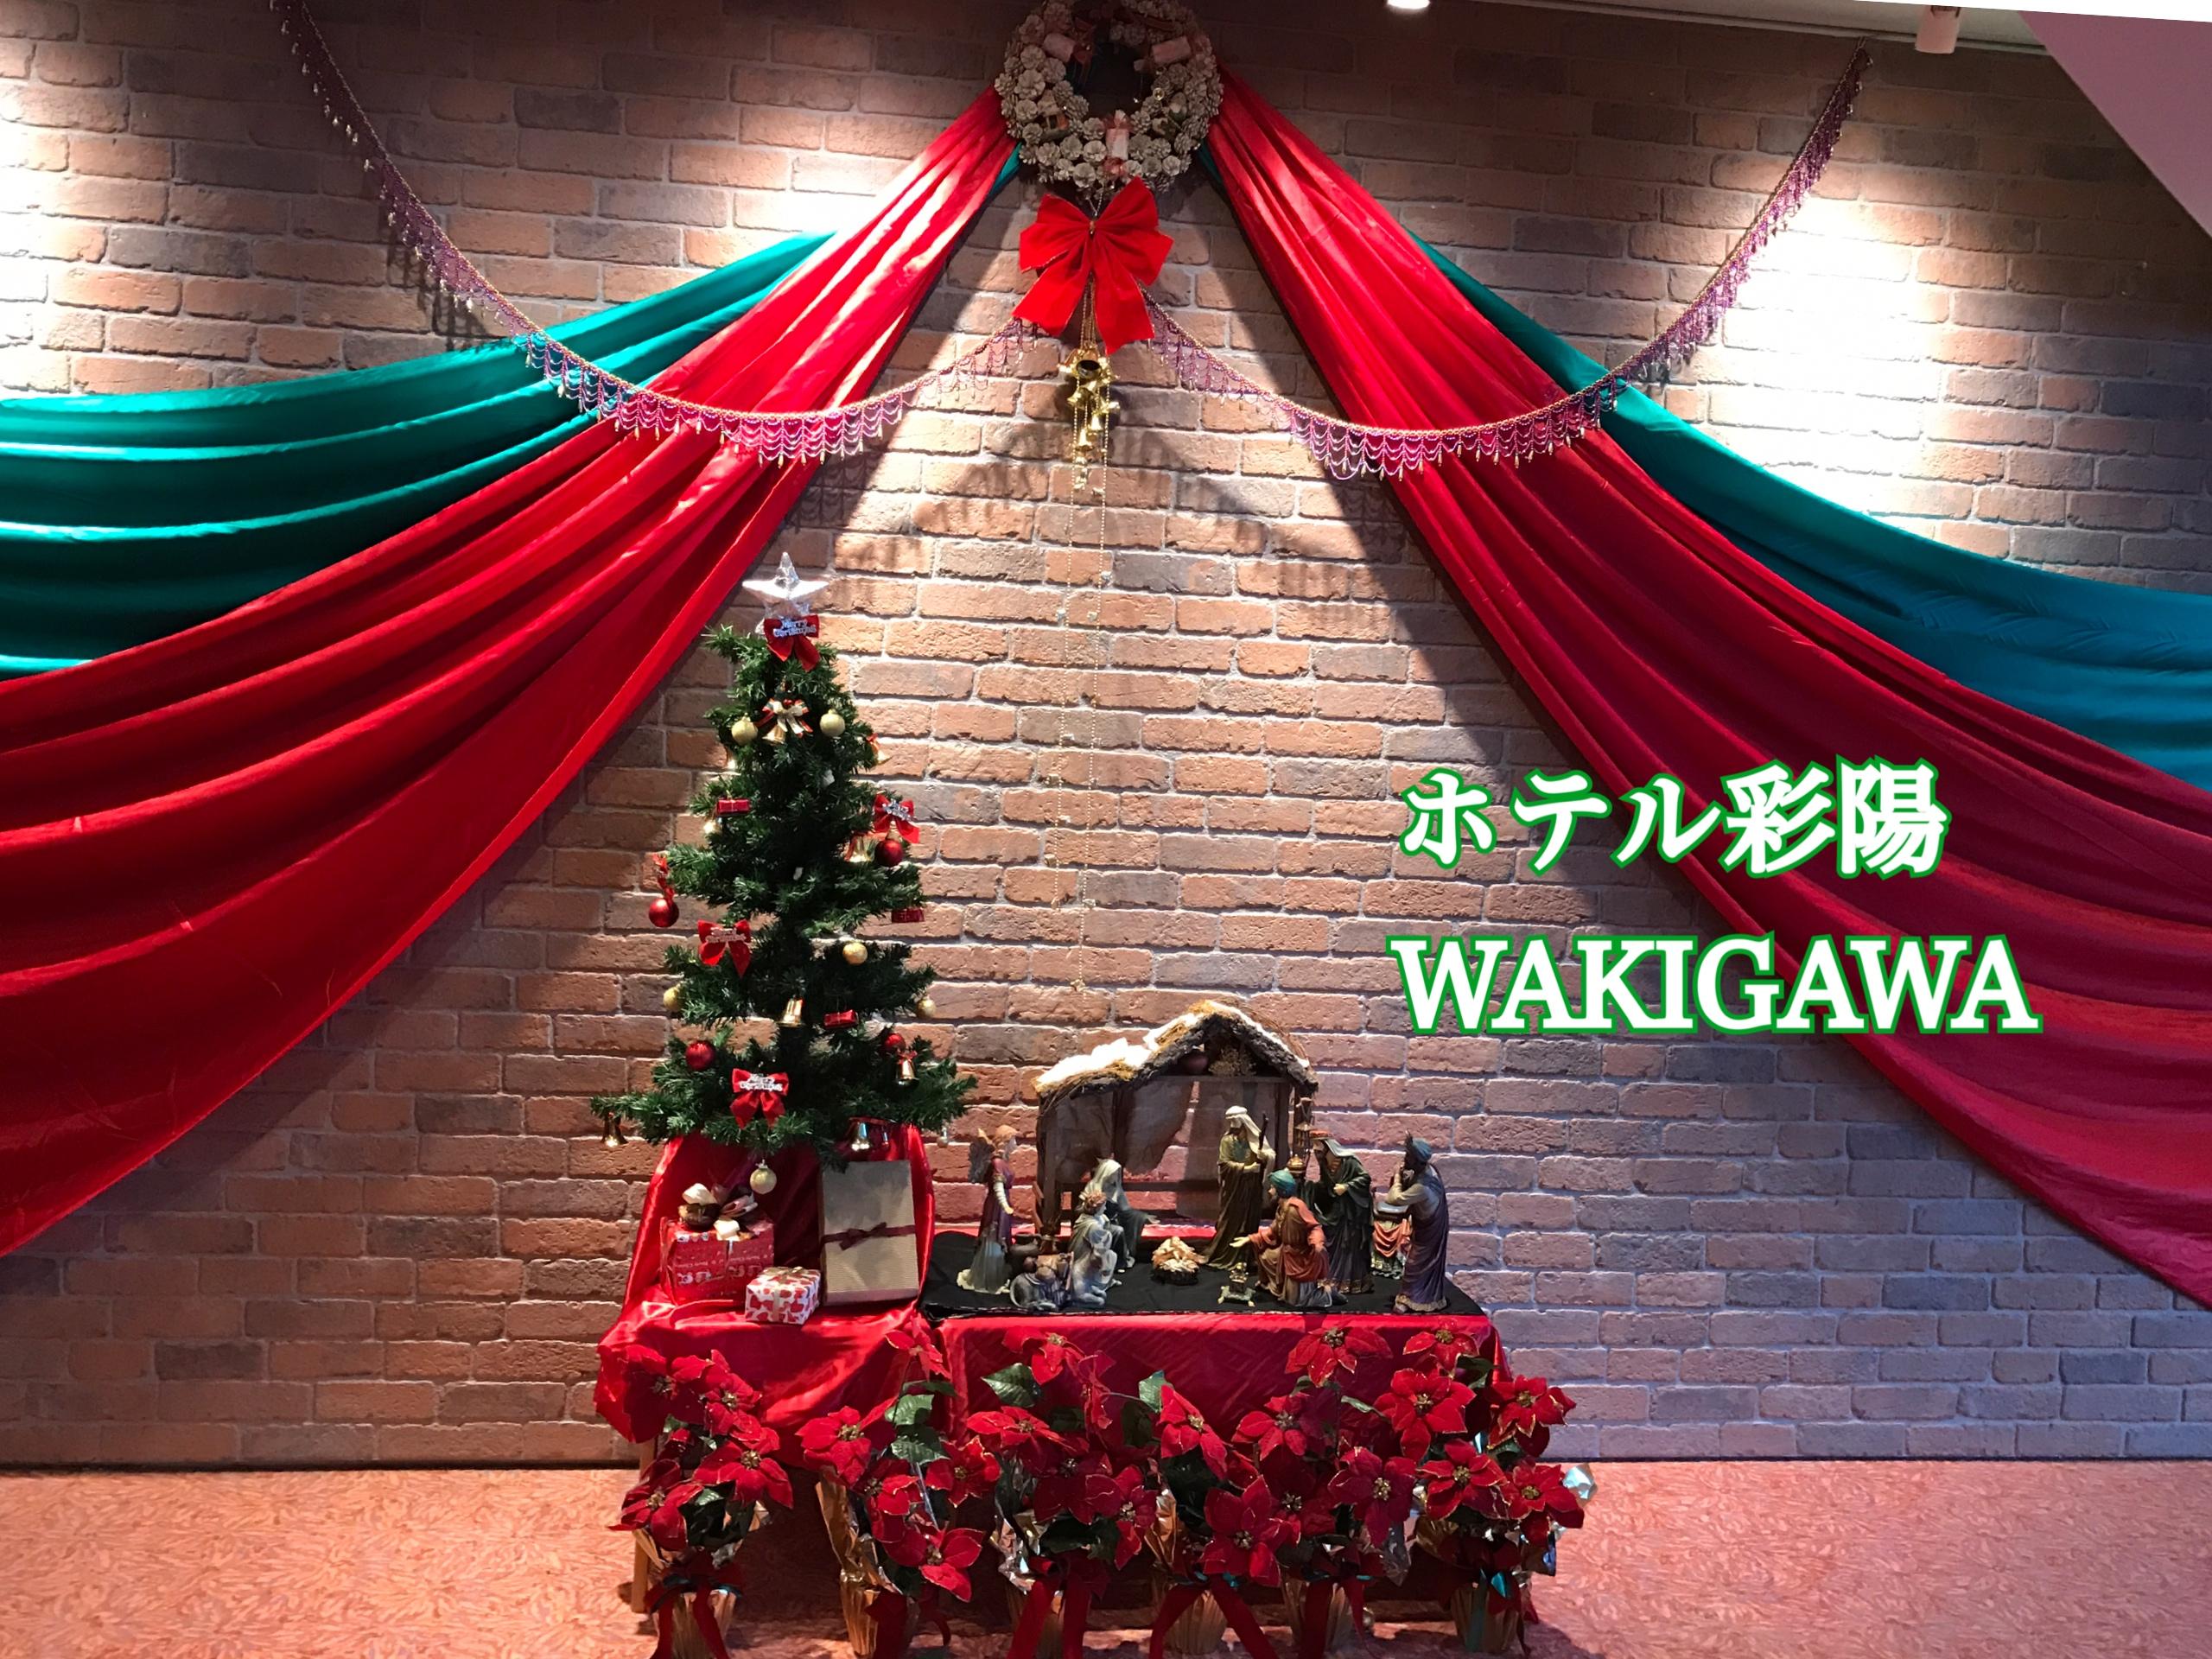 ホテル彩陽WAKIGAWAです(*^_^*)